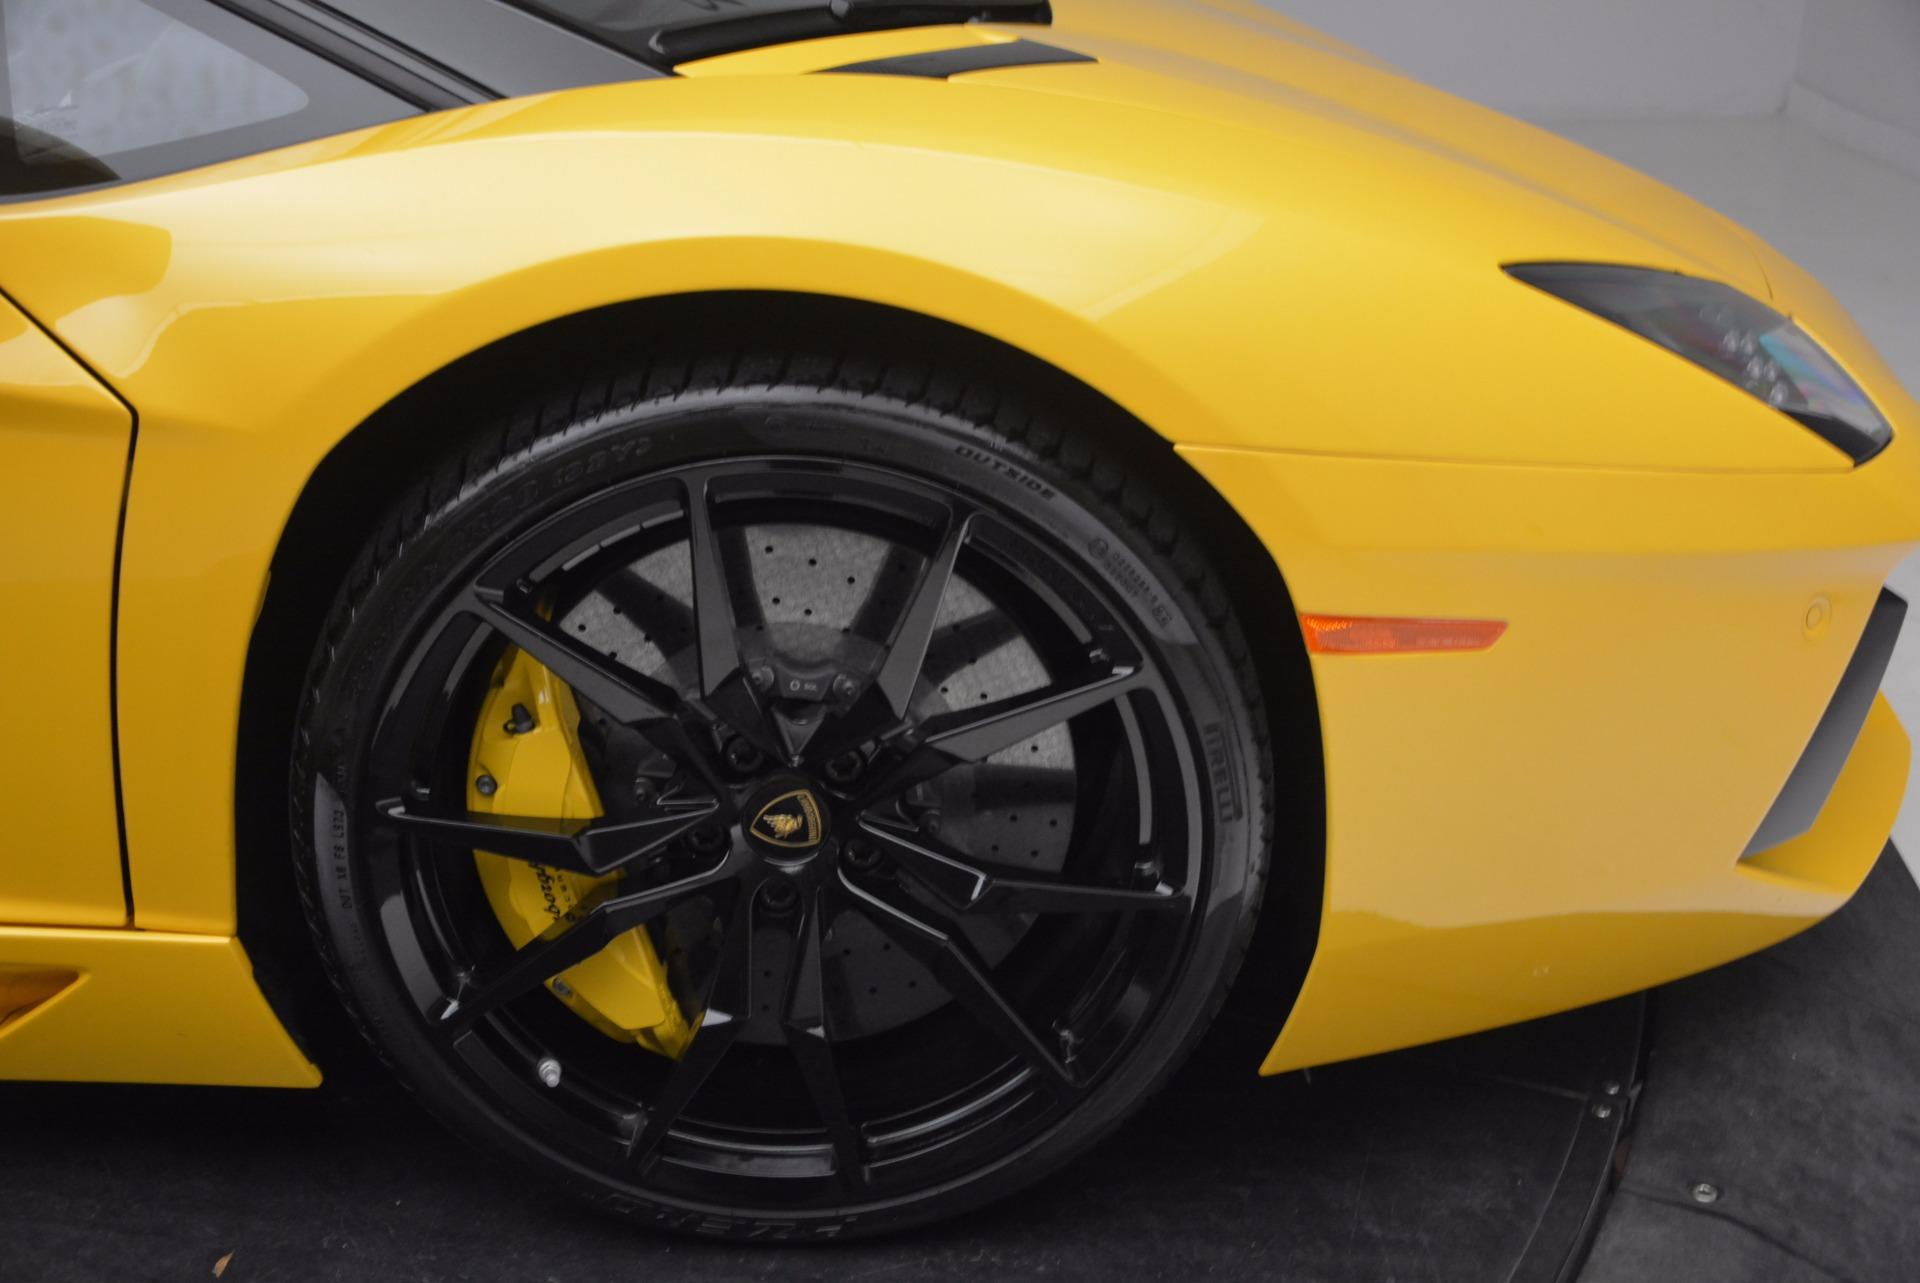 Used 2015 Lamborghini Aventador LP 700-4 Roadster For Sale In Greenwich, CT. Alfa Romeo of Greenwich, 7284 1774_p27